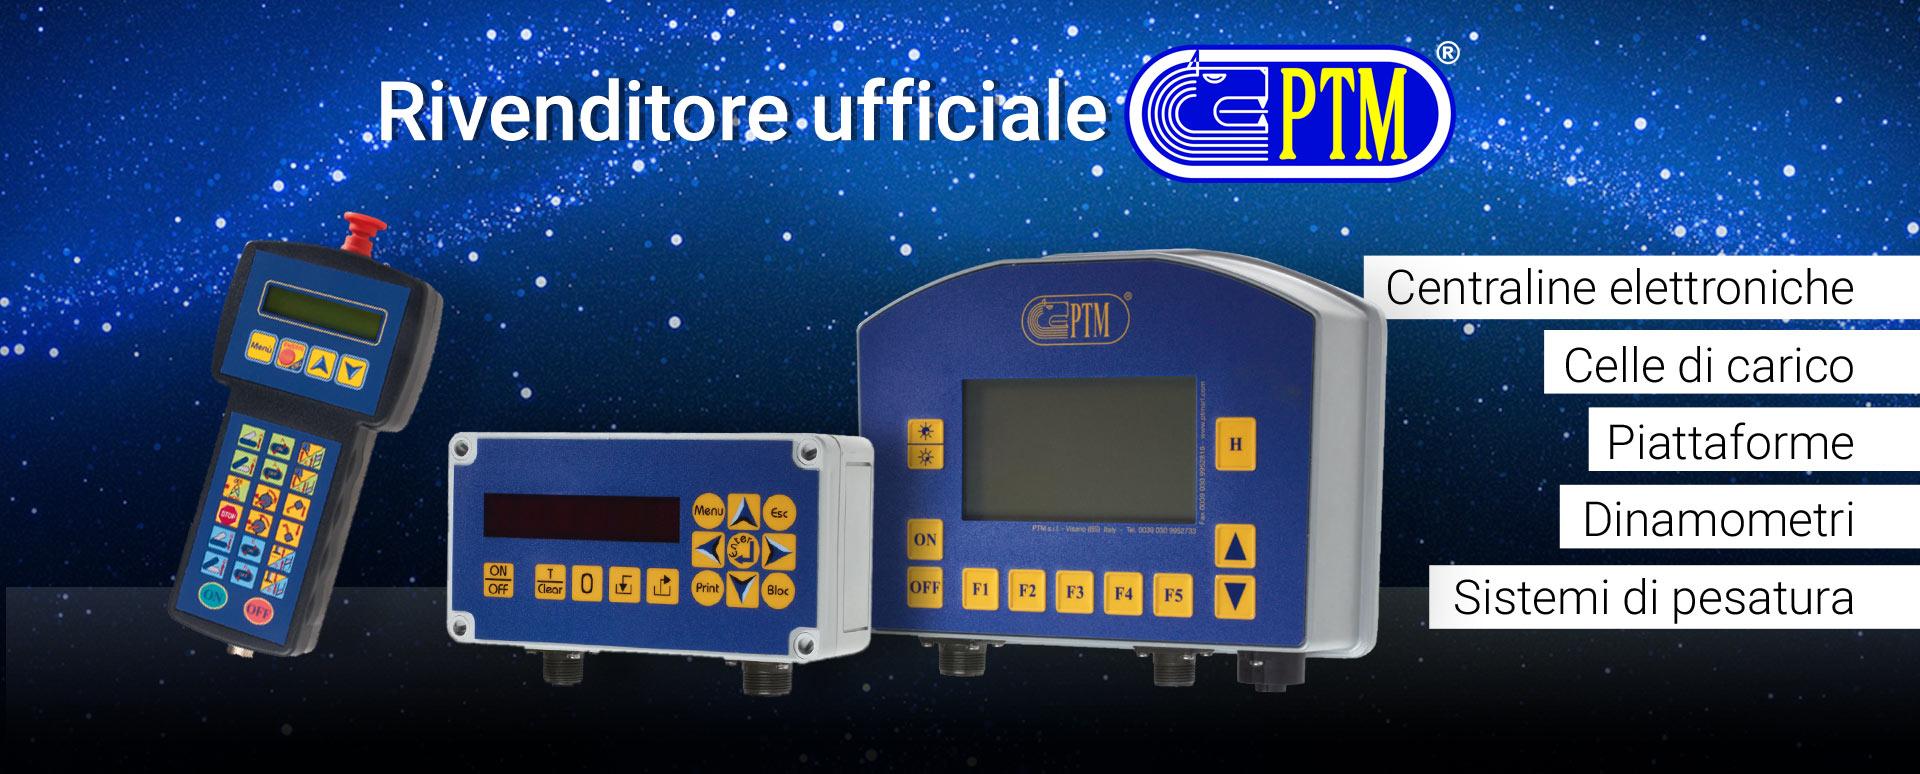 Rivenditore autorizzato PTM. Sistemi di pesa, centraline elettroniche, celle di carico e altro